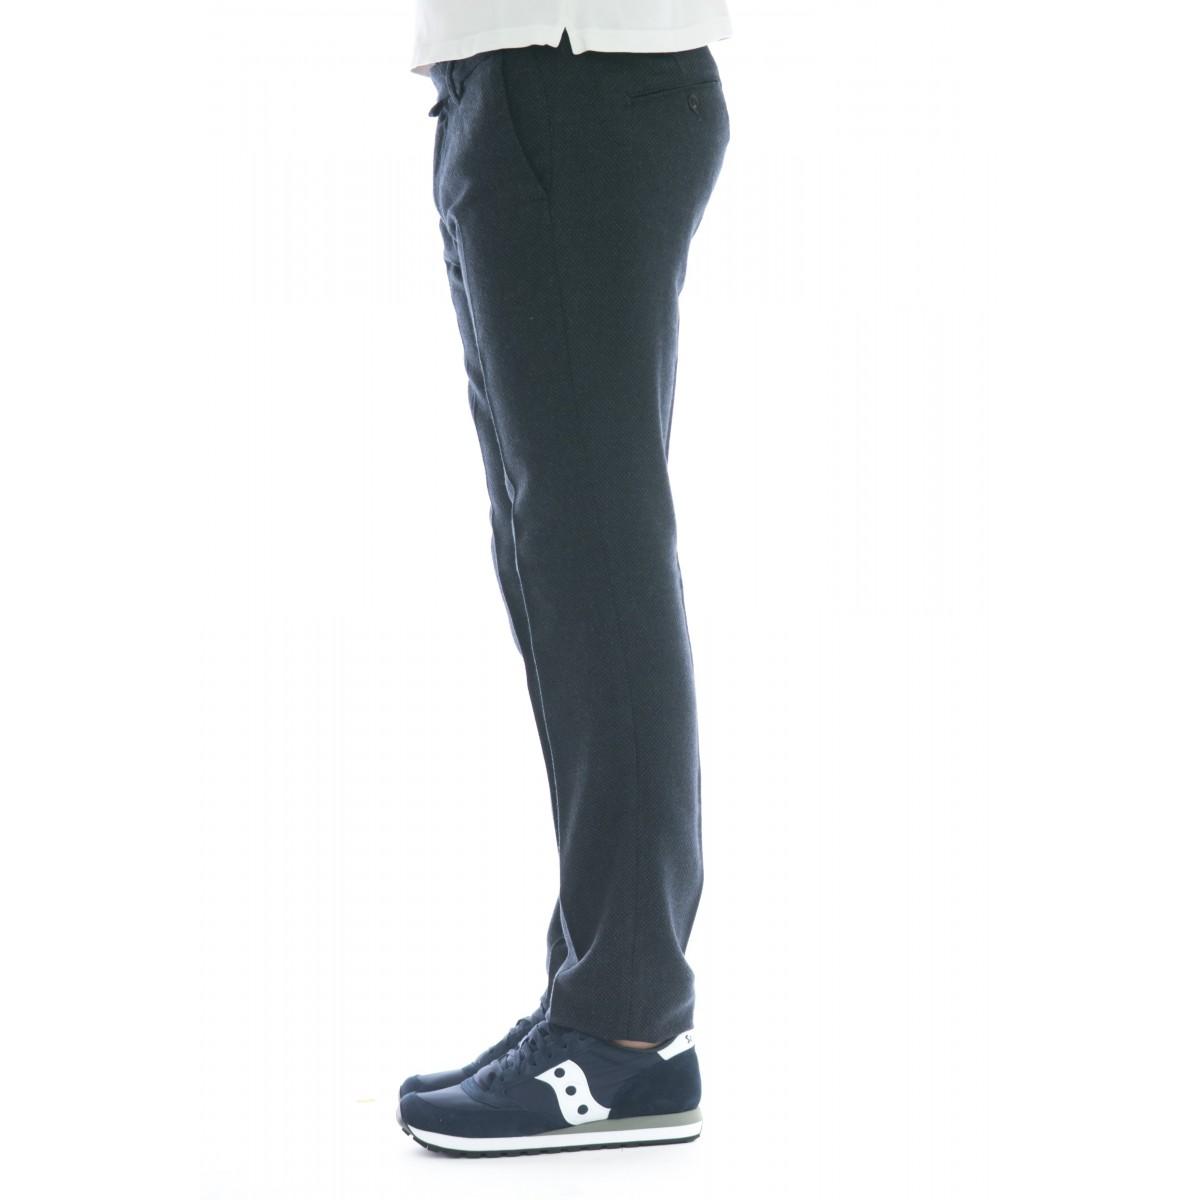 Pantalone uomo - Len 4744 lana stampata